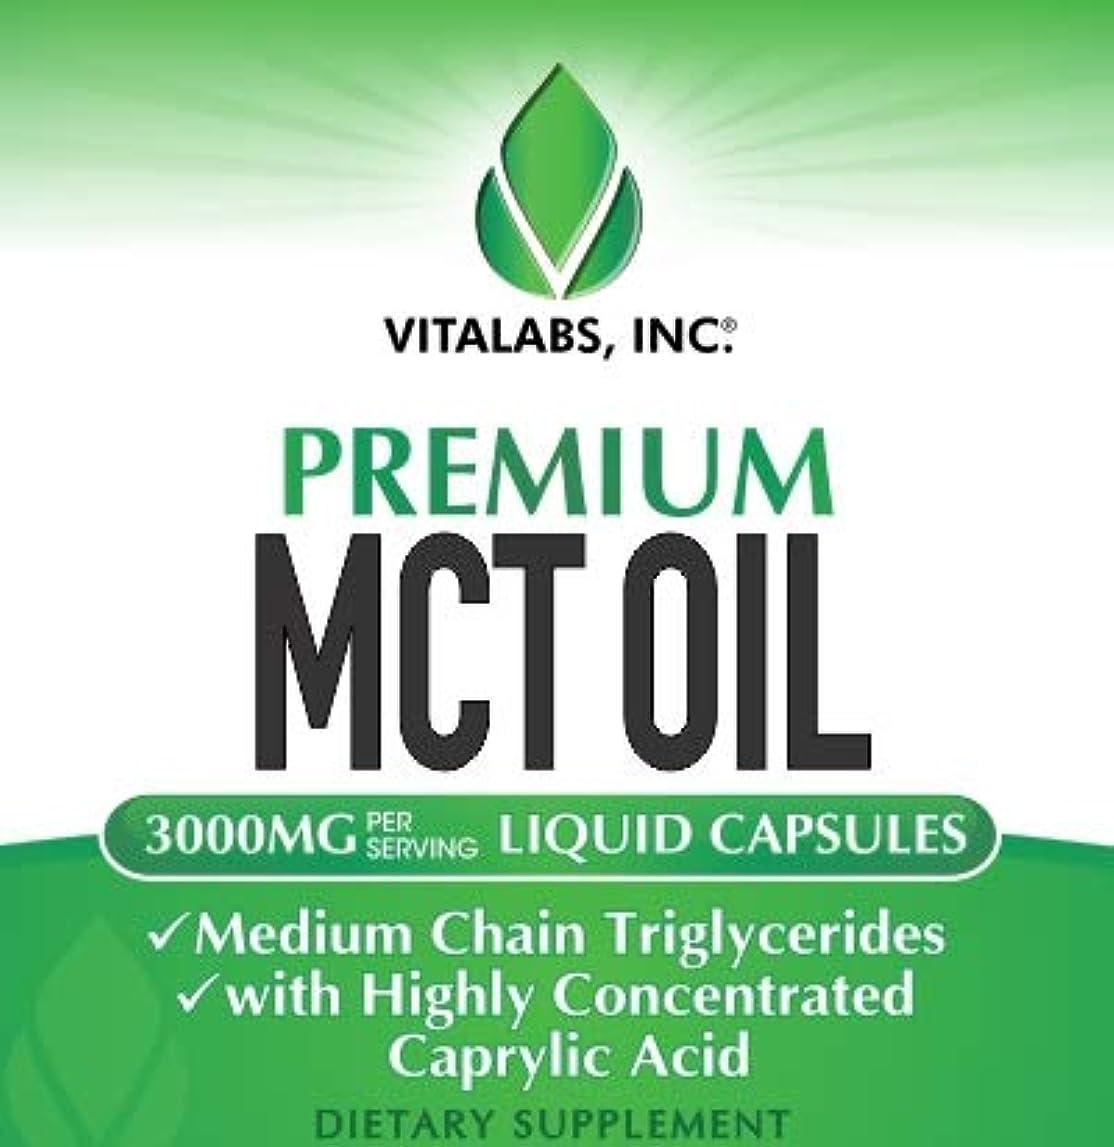 ハウジング珍味朝取りやすいジェルカプセルタイプ?ココナッツ由来-MCT オイル/3000mg(1Serving=4カプセル) 120Capsules 【Vitalabs.MCT Oil】 (1)